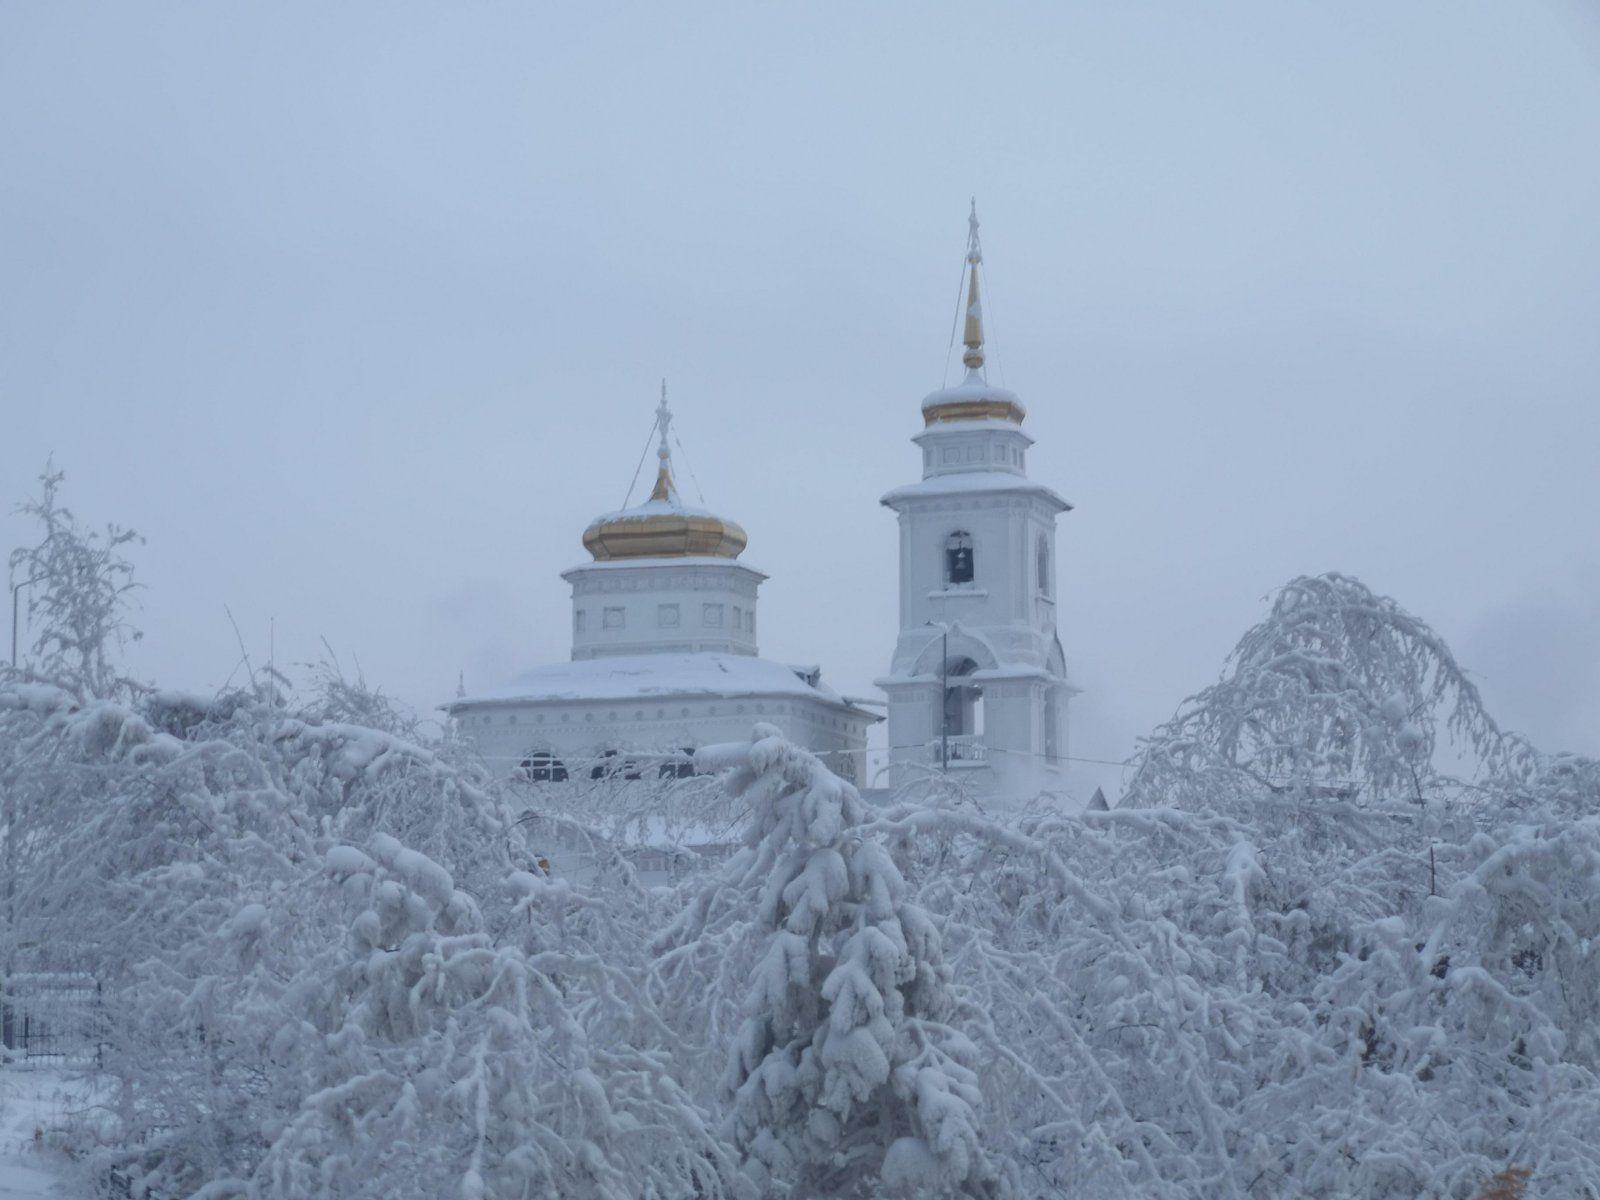 Управа Октябрьского округа Якутска проводит отчет перед населением